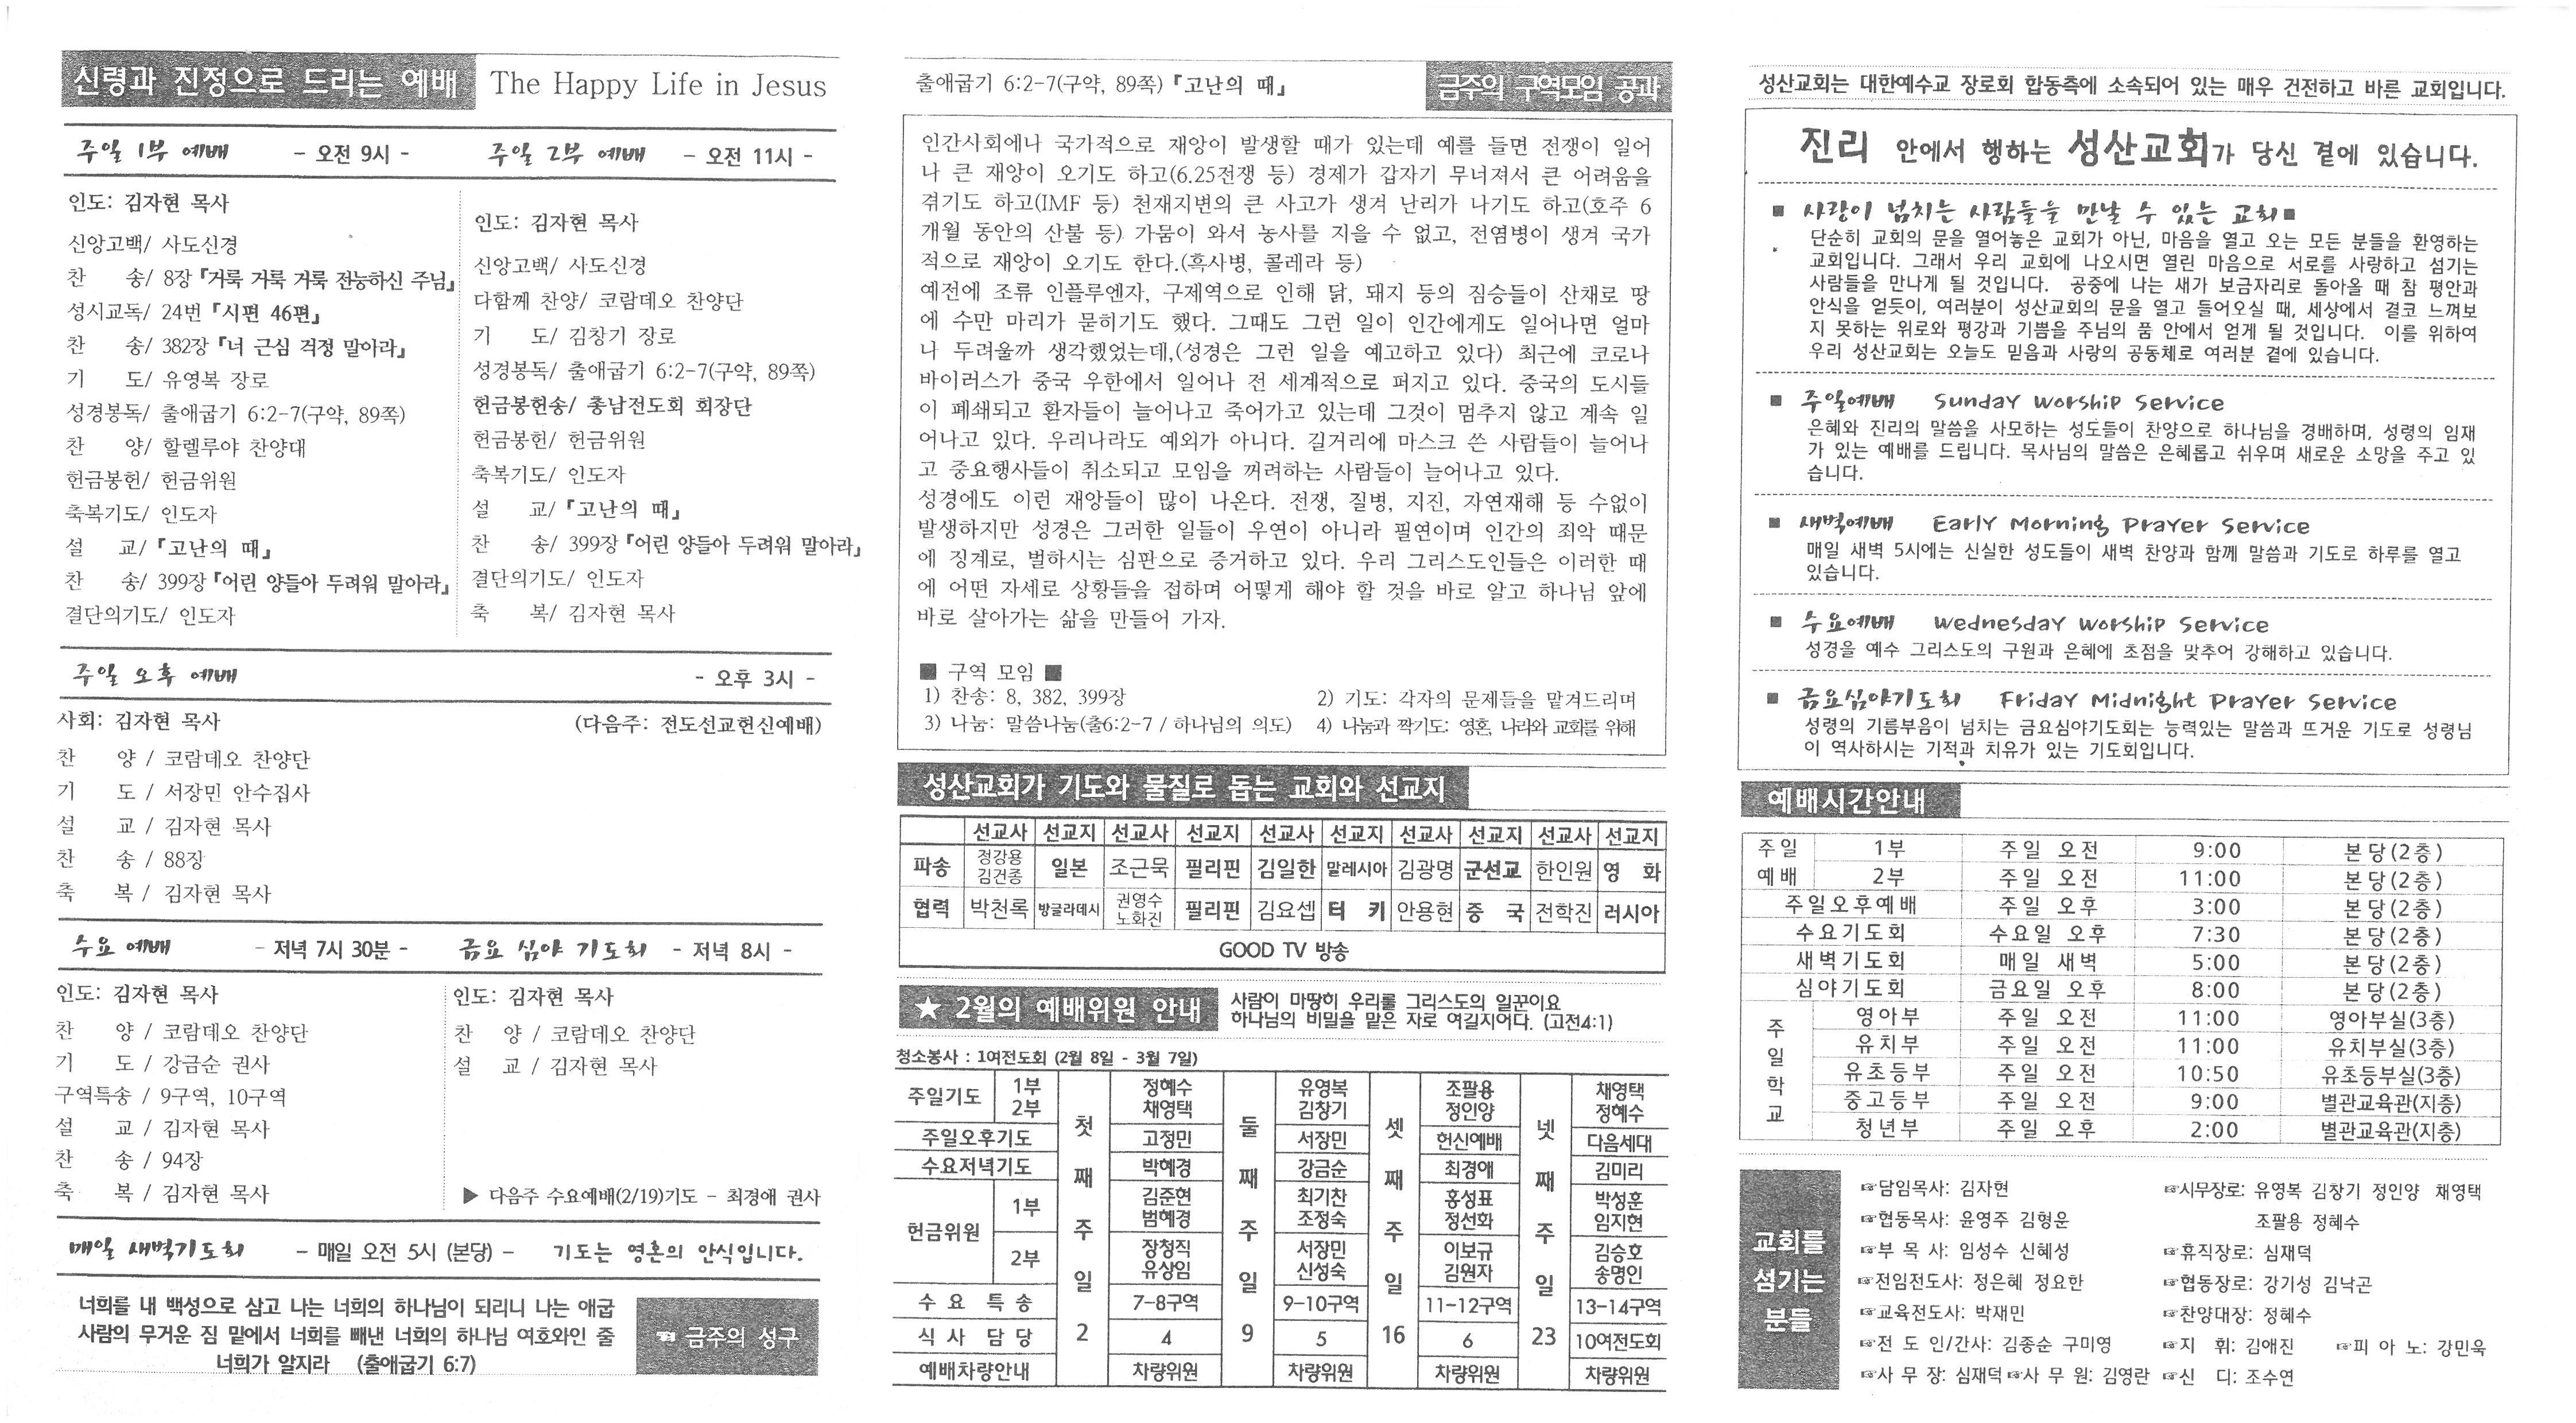 S22C-6e20021516190_0001.jpg